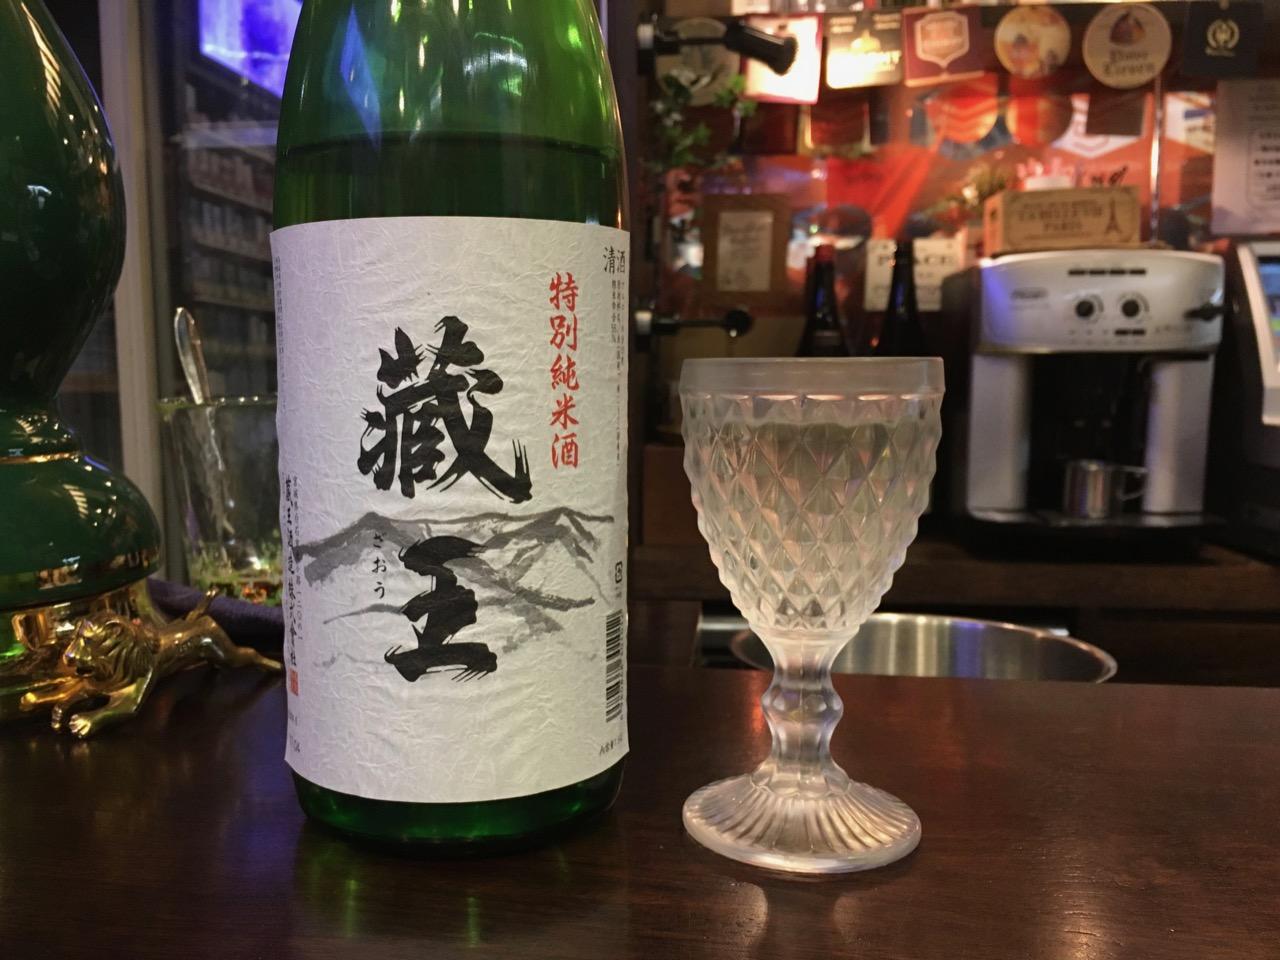 蔵王 特別純米酒|日本酒テイスティングノート